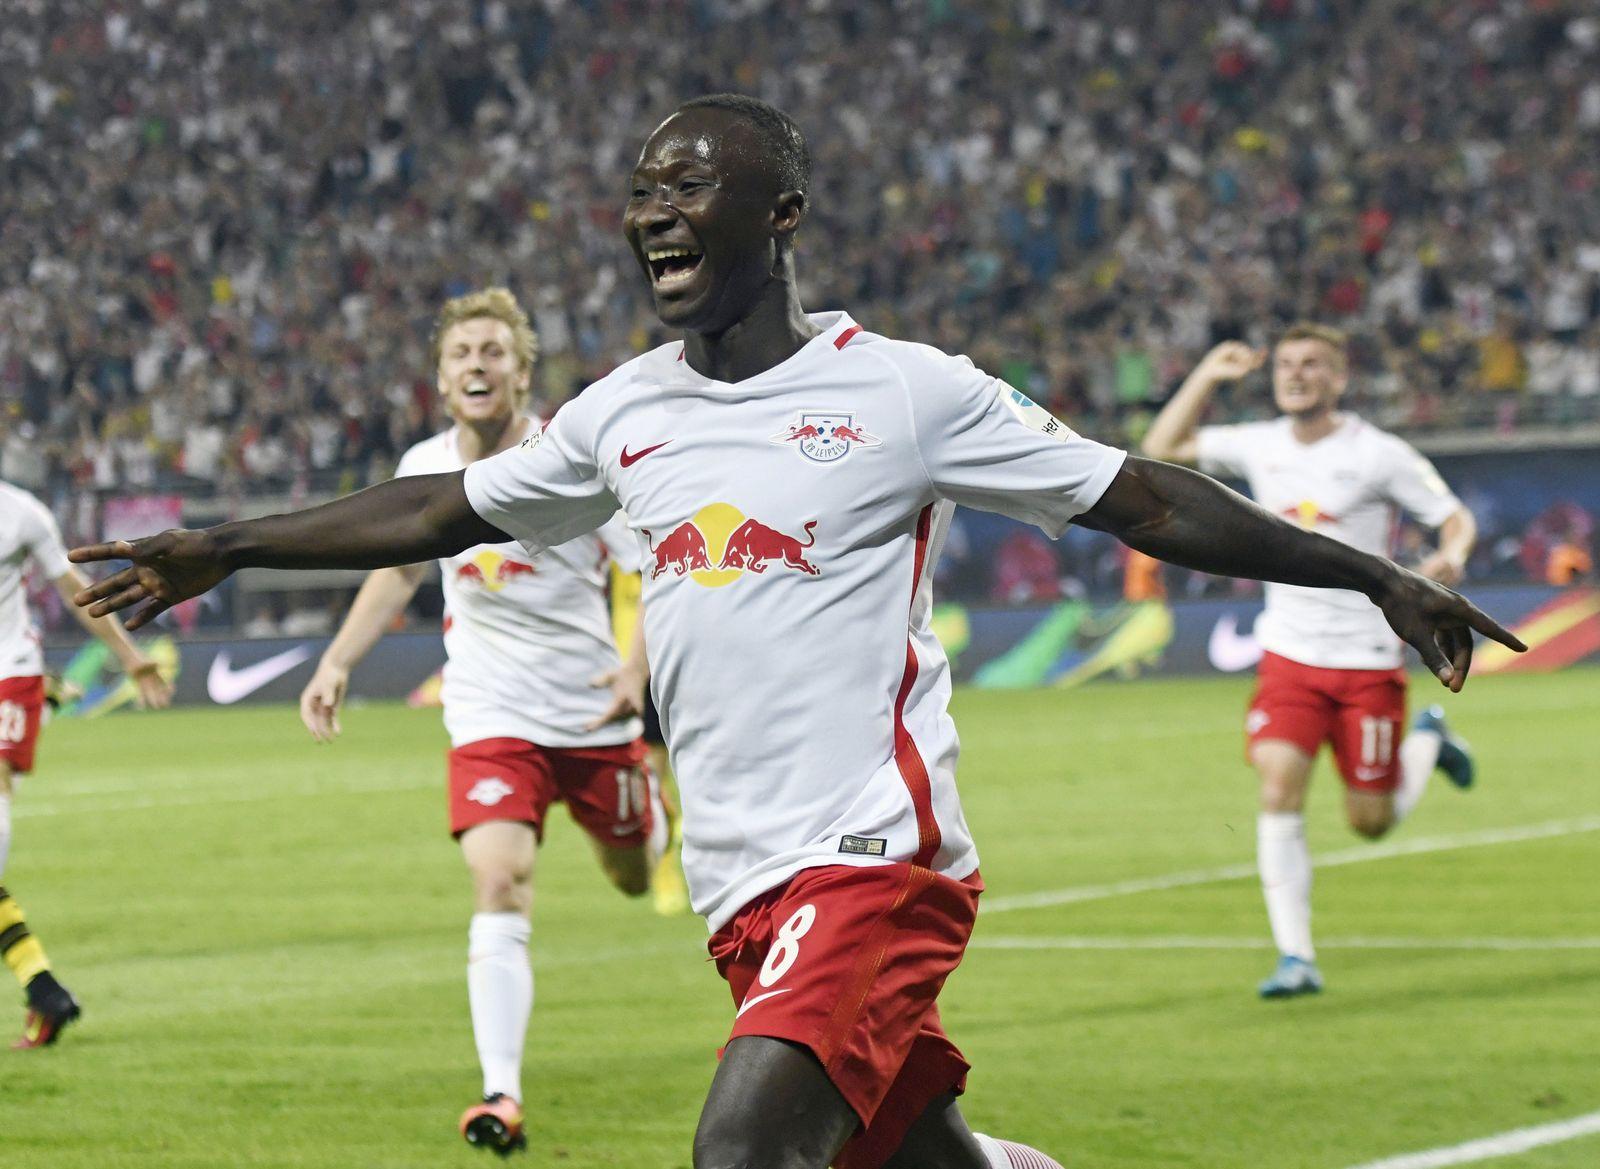 Germany Soccer Bundesliga HLT Bundesligaanalyse RB BVB